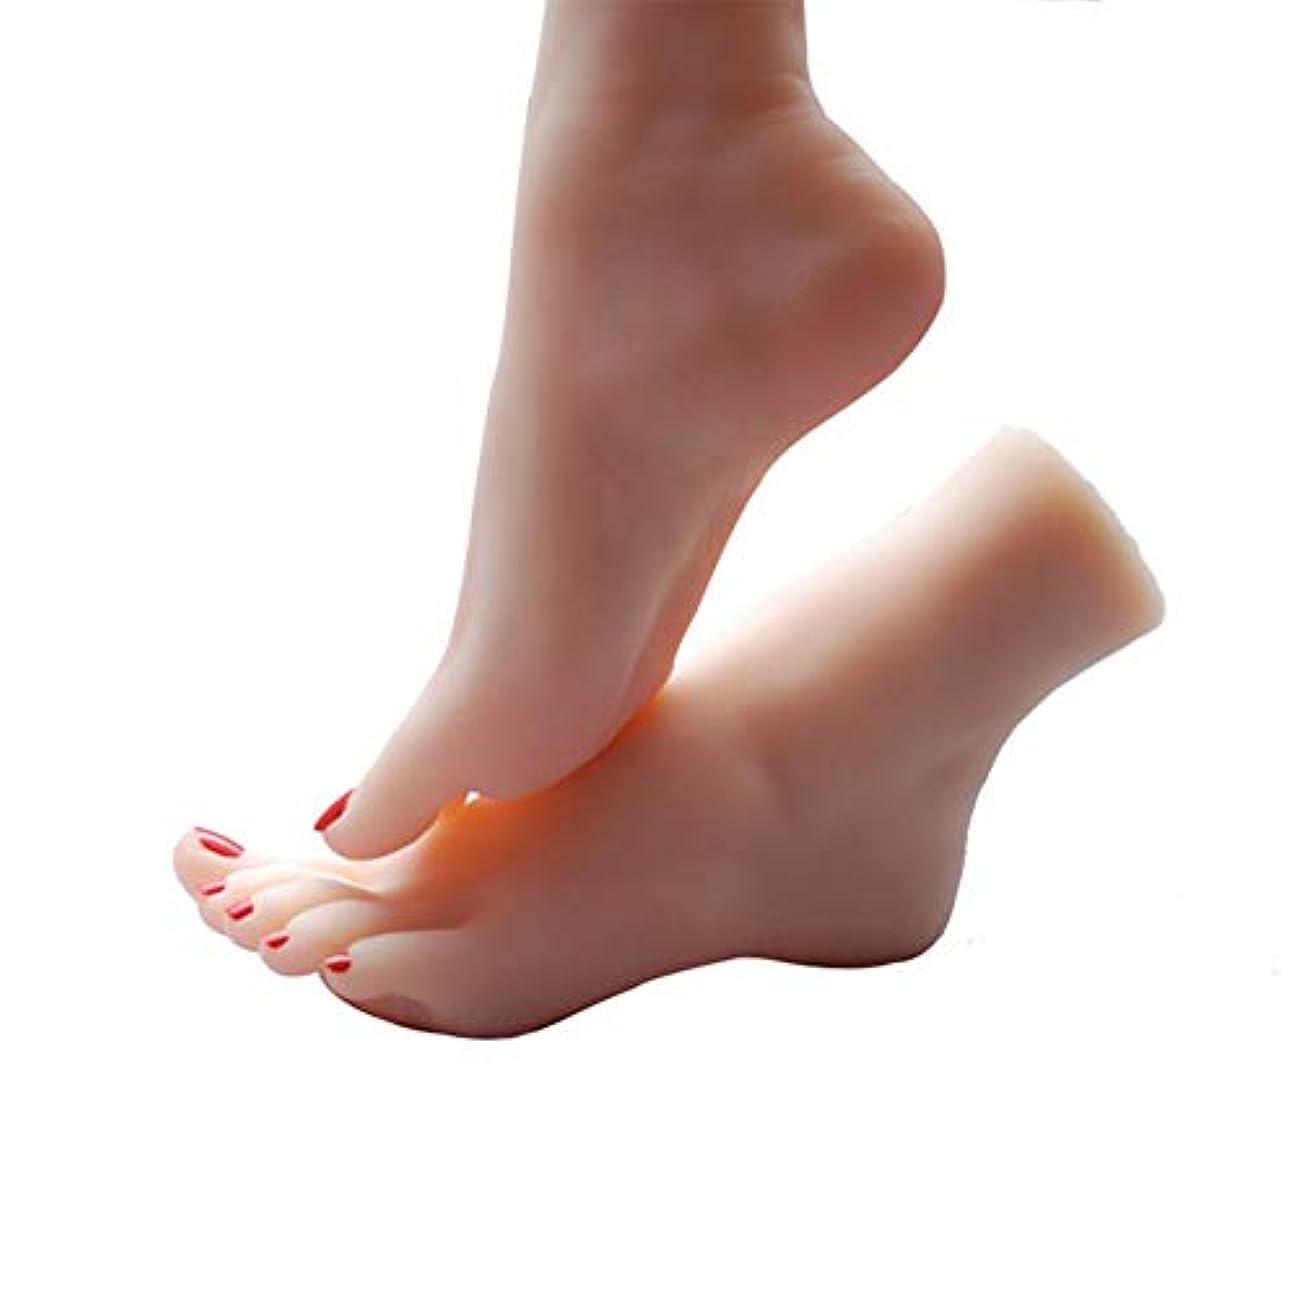 レギュラー売る絶妙スケッチネイルアートの練習ジュエリー靴ソックス表示(ペア)としてシリコーン女性の足のライフサイズマネキン